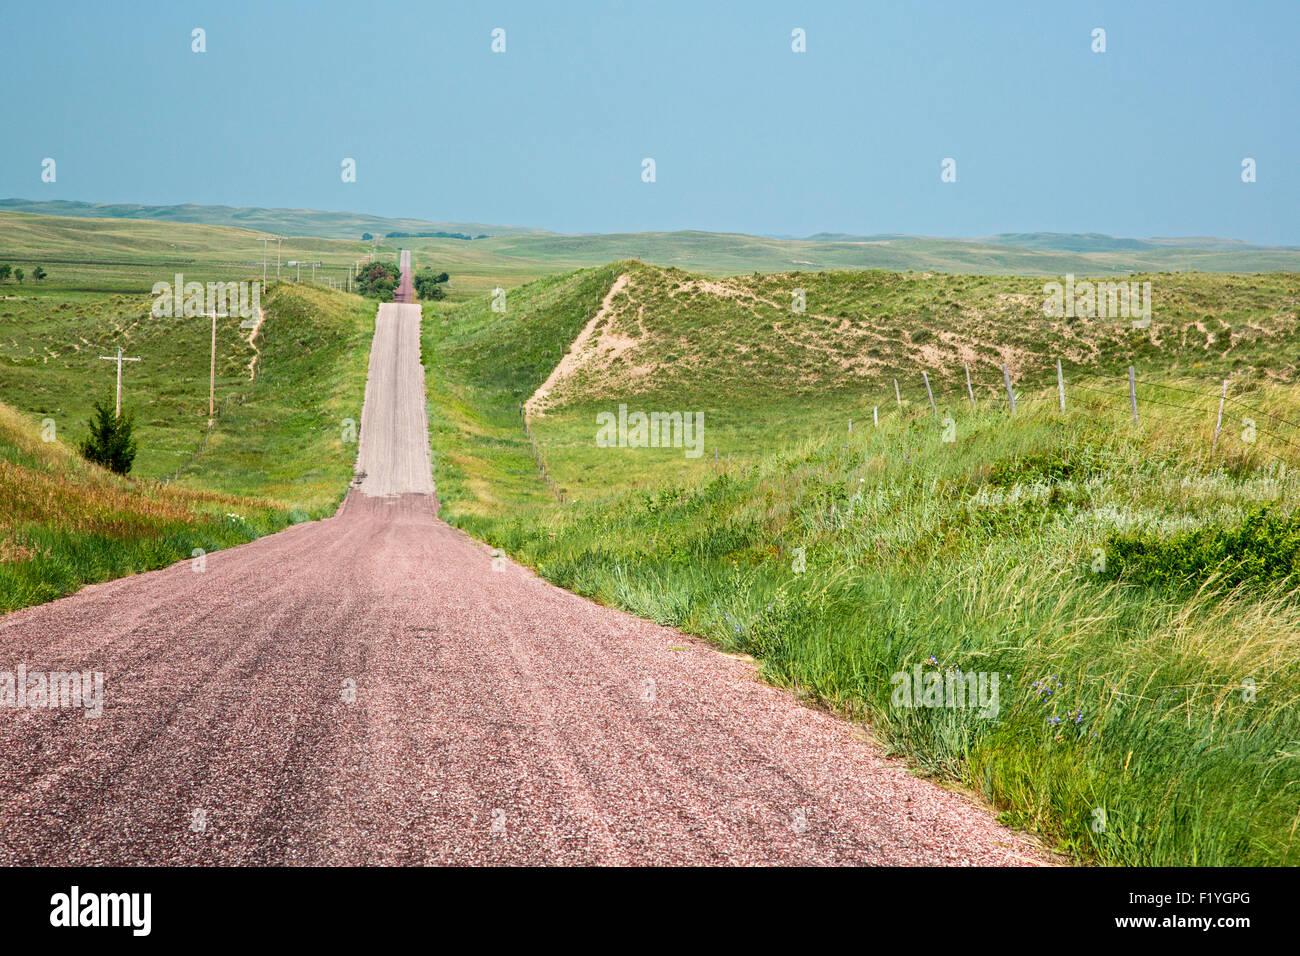 Valentine, Nebraska - A rural road in the Nebraska sandhills. - Stock Image